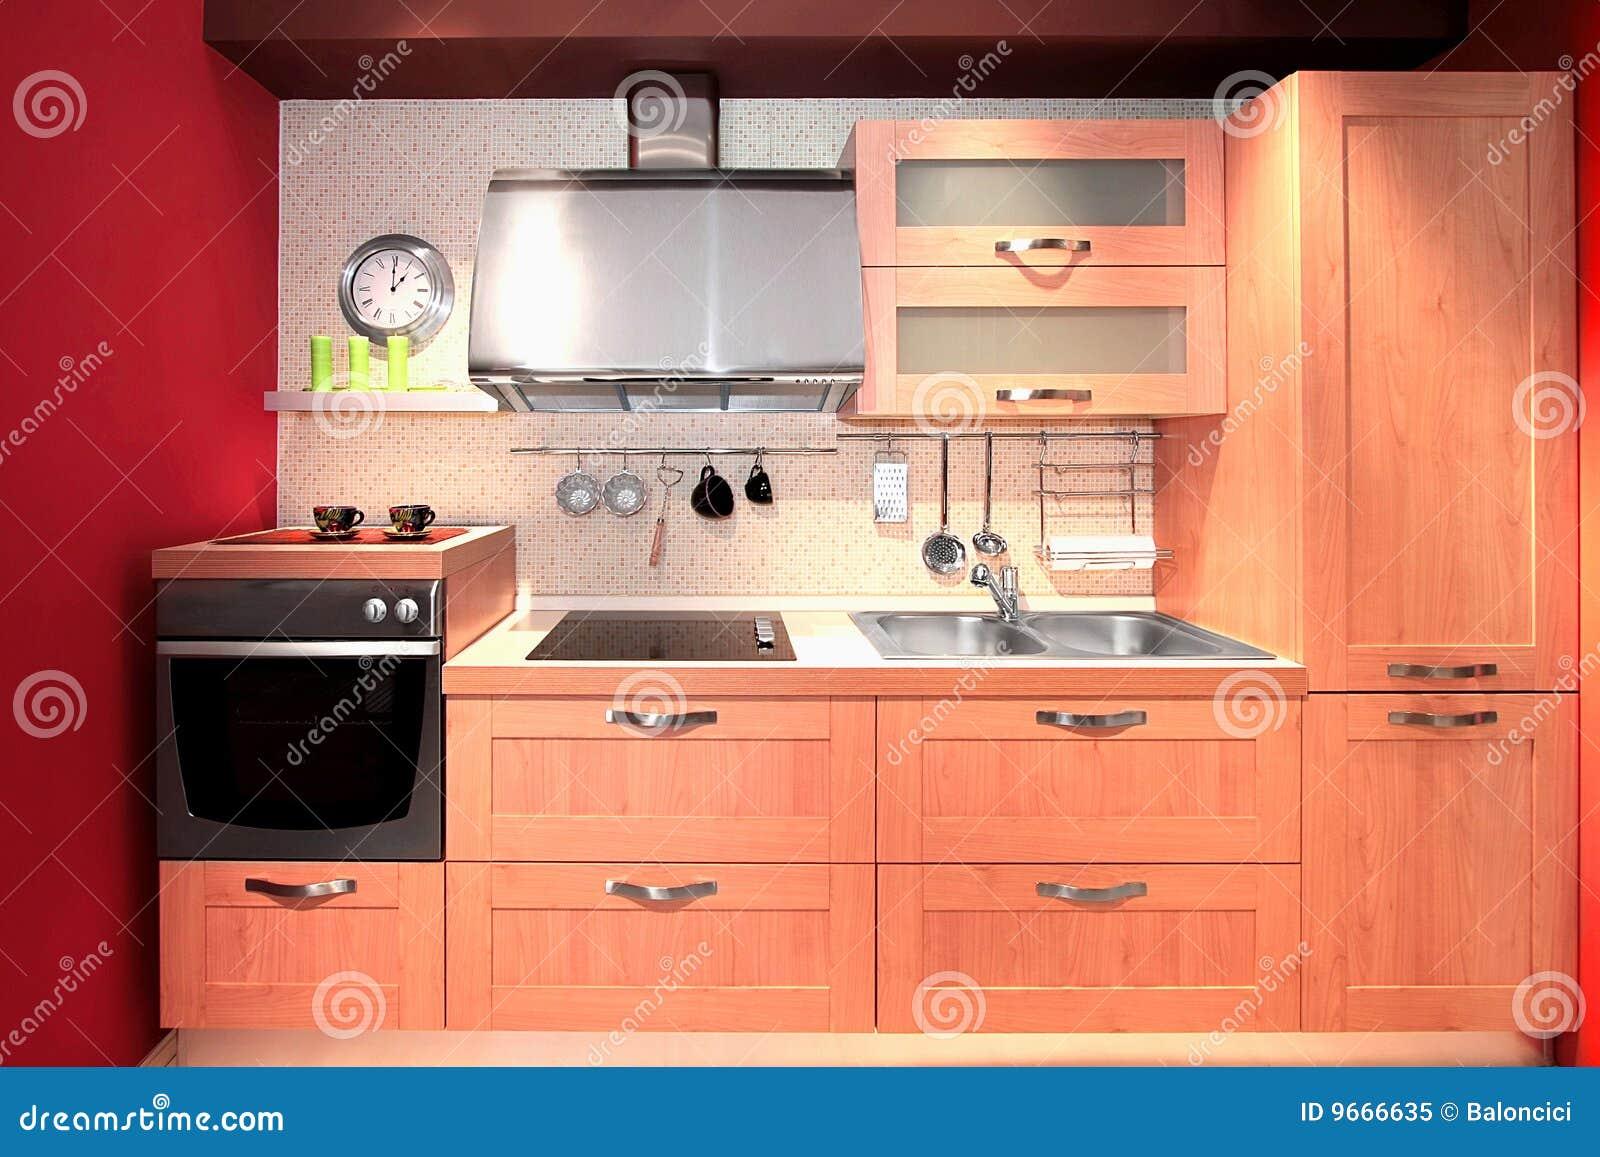 Compacte Keuken Royalty-vrije Stock Foto - Afbeelding: 9666635